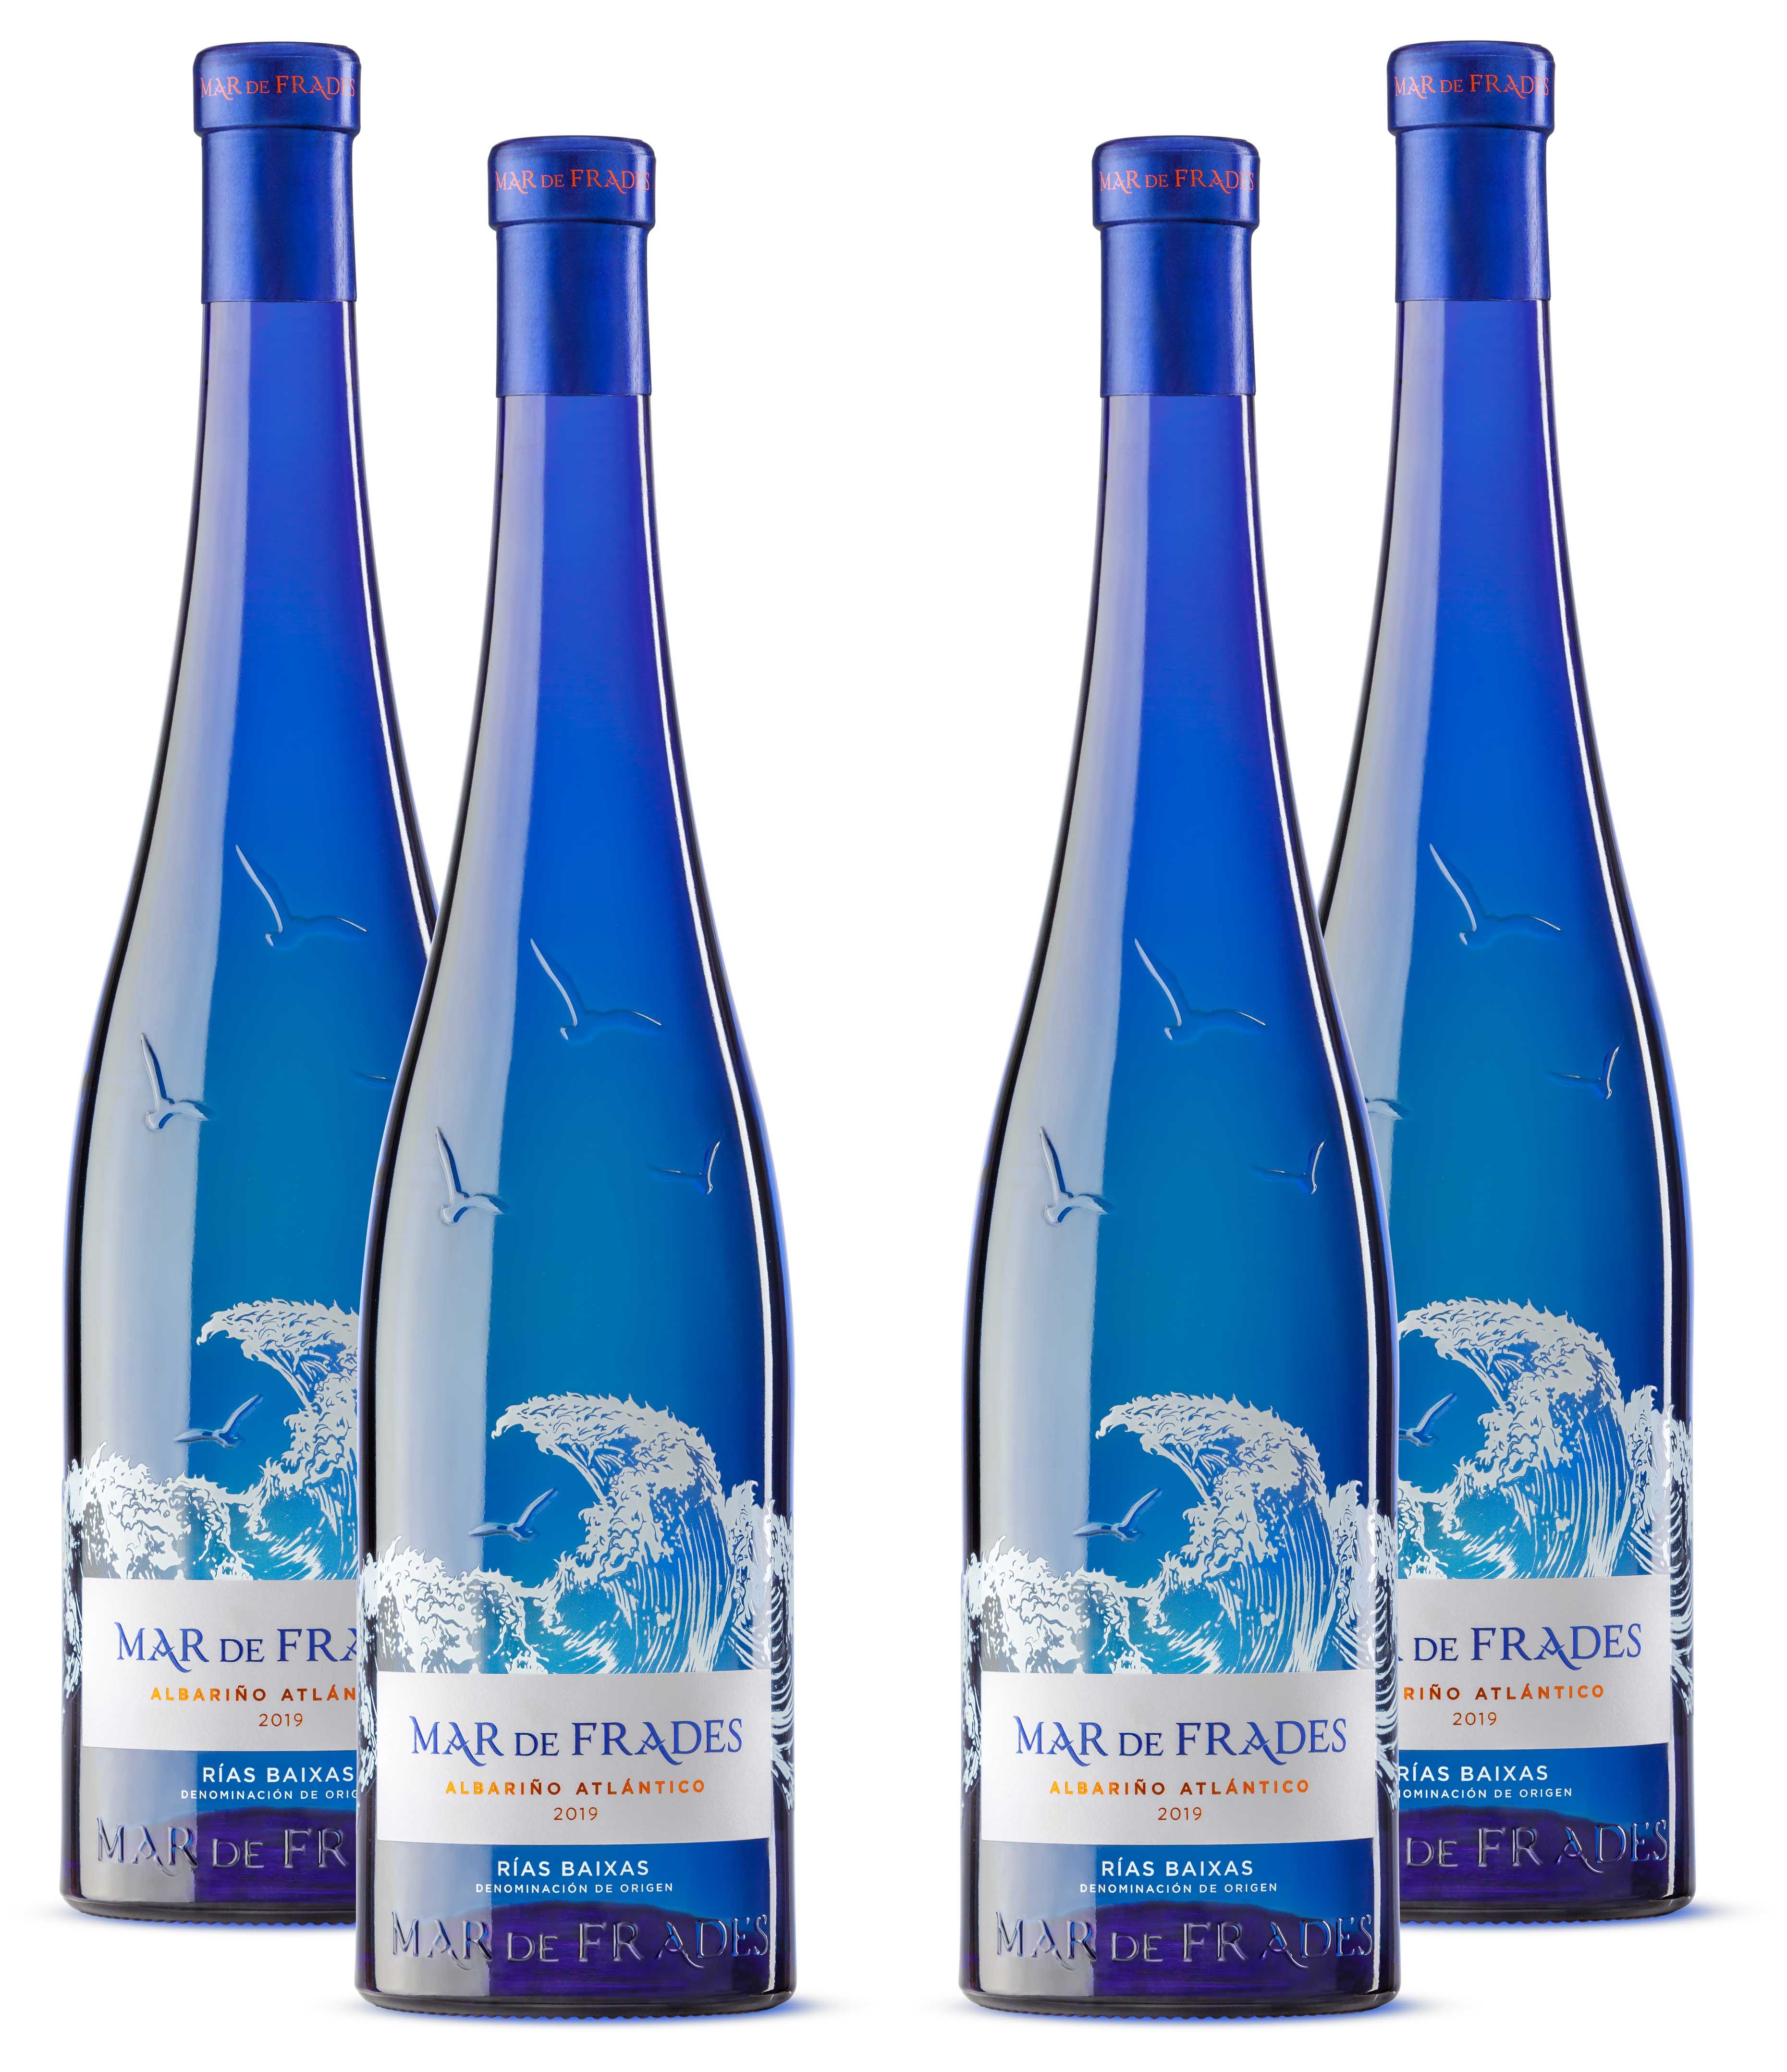 Mar de Frades 4er Set Albarino Atlantico 0,75L (12,5% Vol) 4x Weißwein Trocken Rebsorte: 100% Albarino- [Enthält Sulfite]